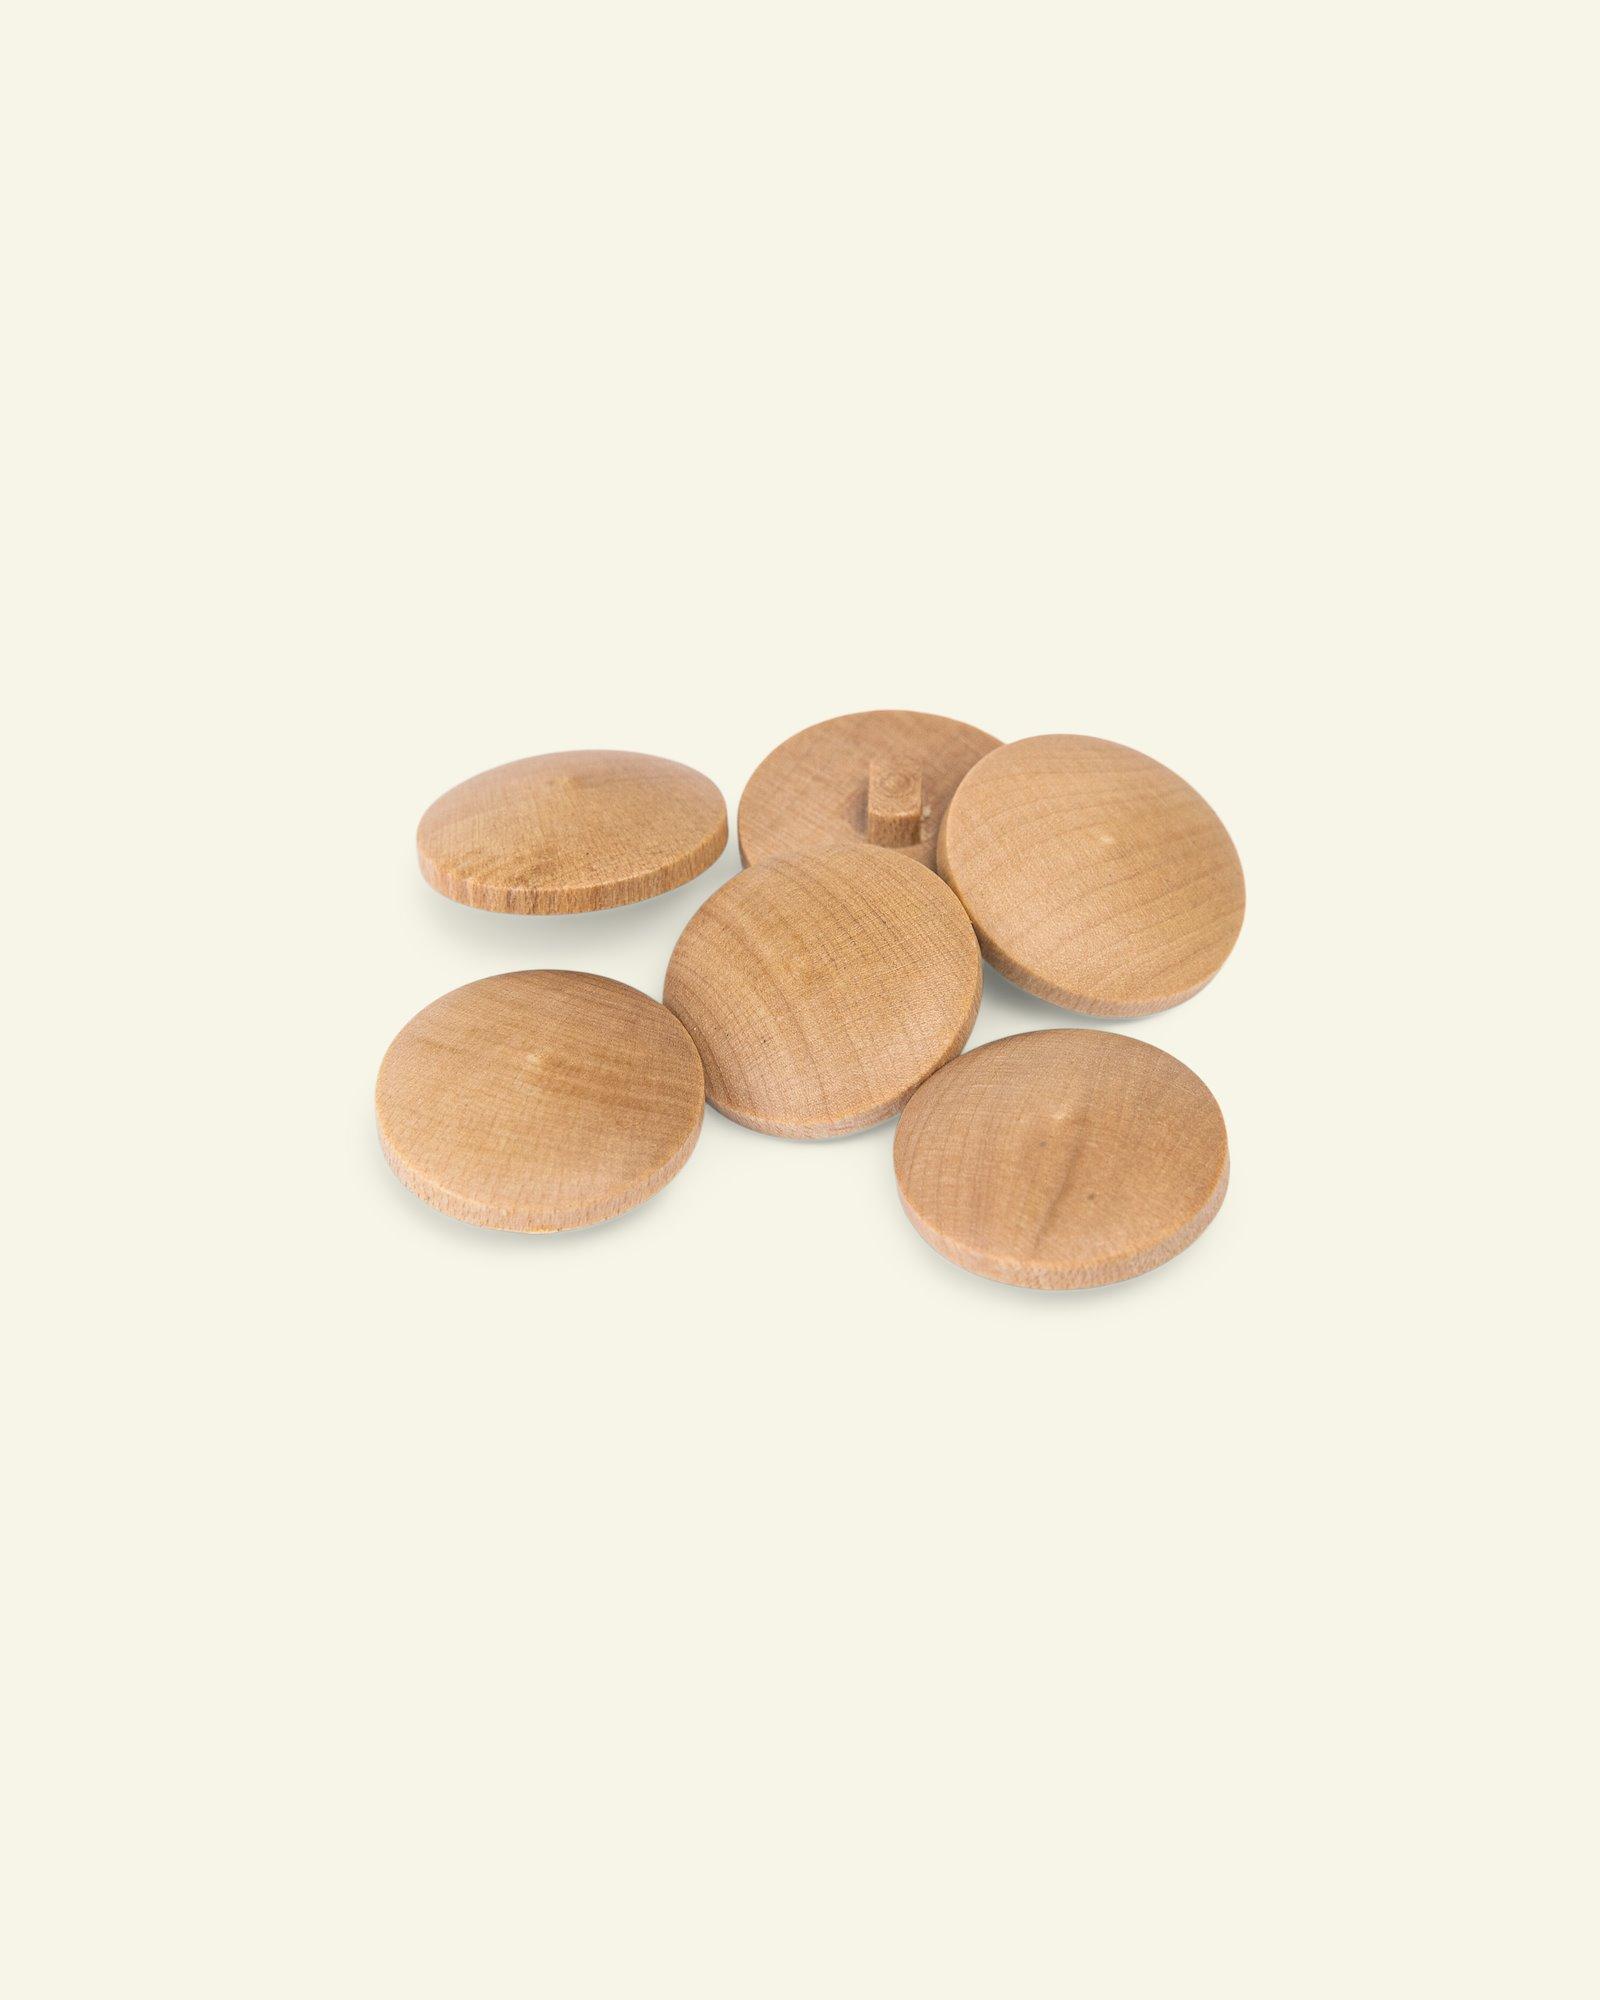 Shank button wood 22mm 6pcs